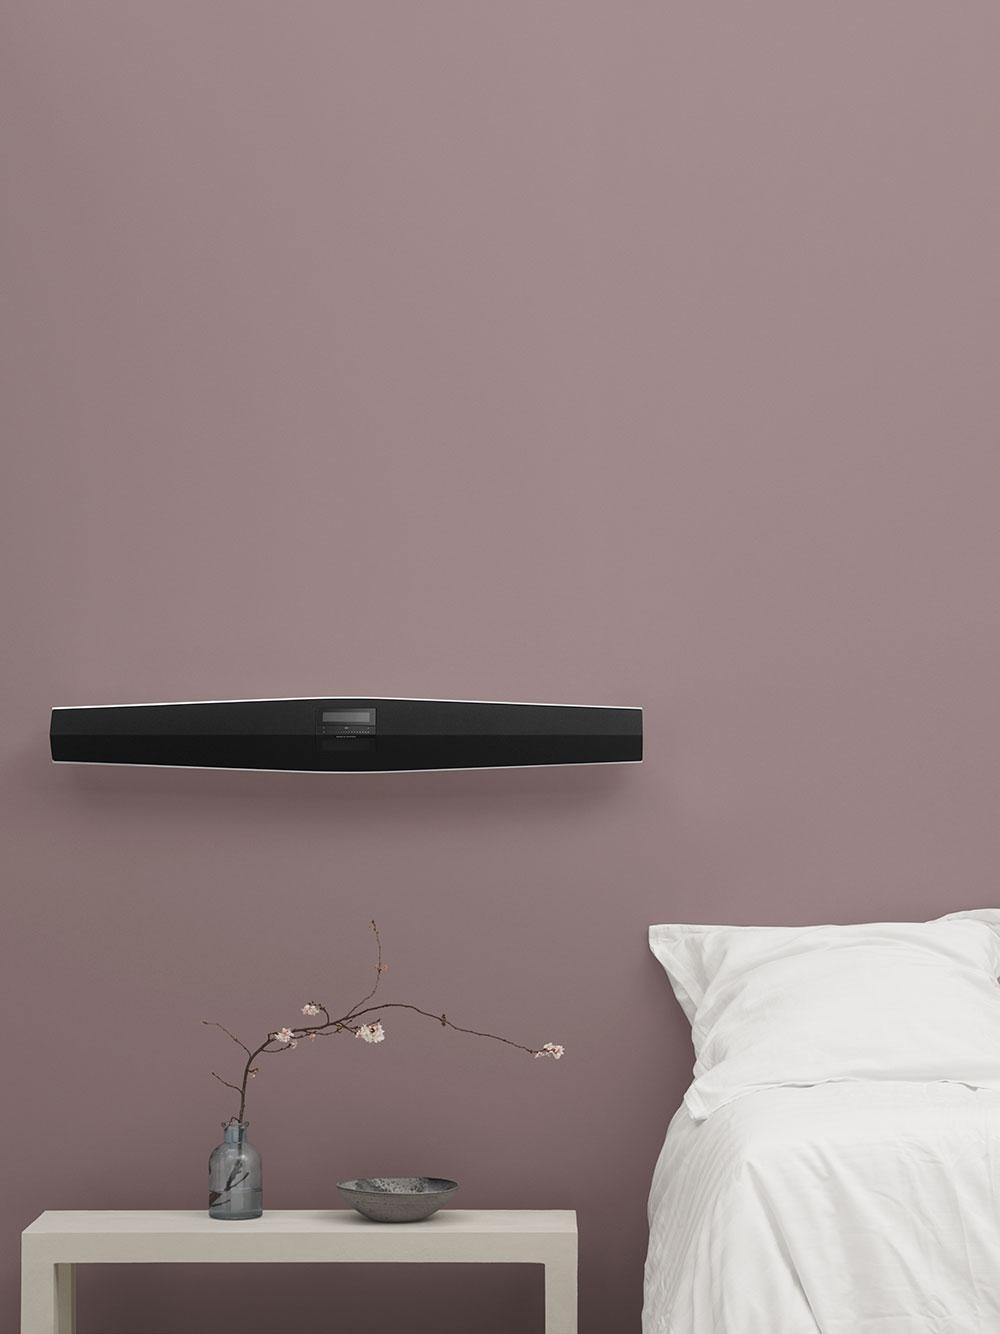 Беспроводная аудиосистема BeoSound 35 от Bang & Olufsen | галерея [1] фото [2]